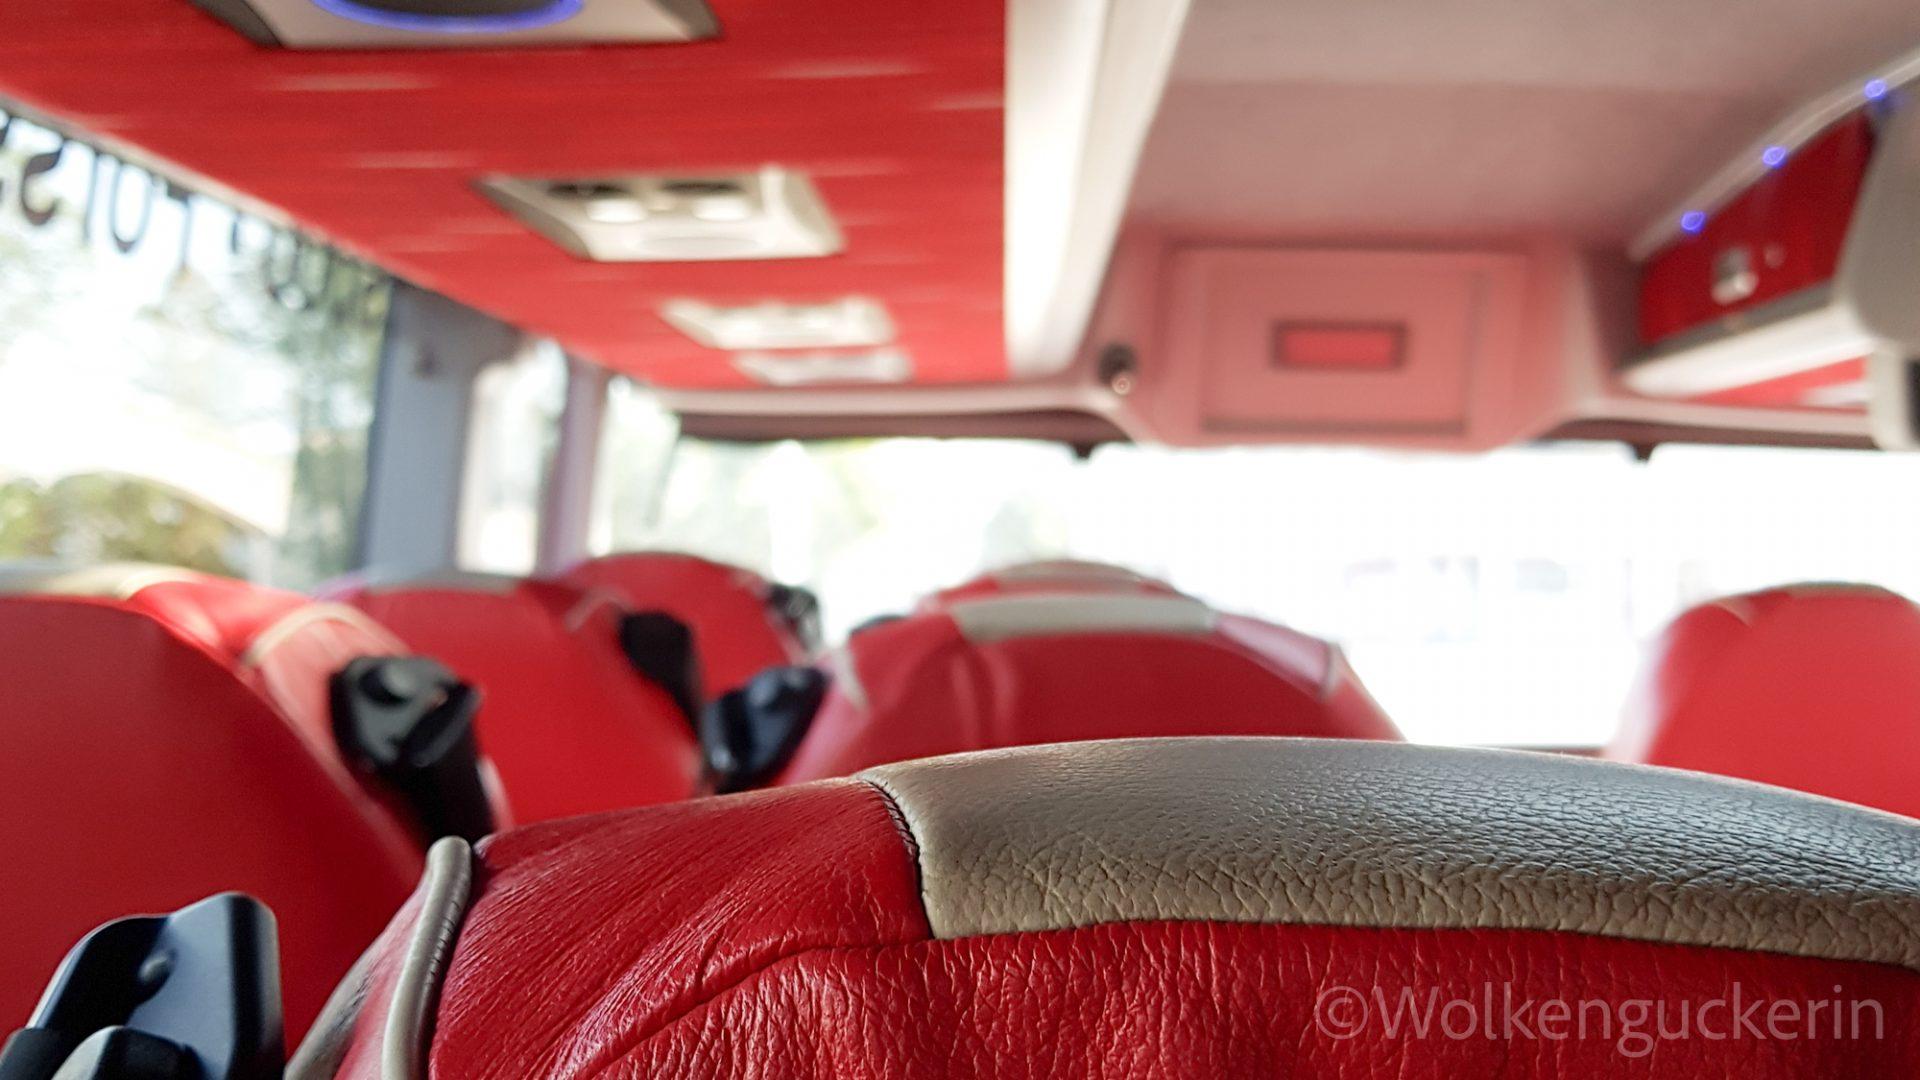 Blick in den Innenraum eines finnischen Busses